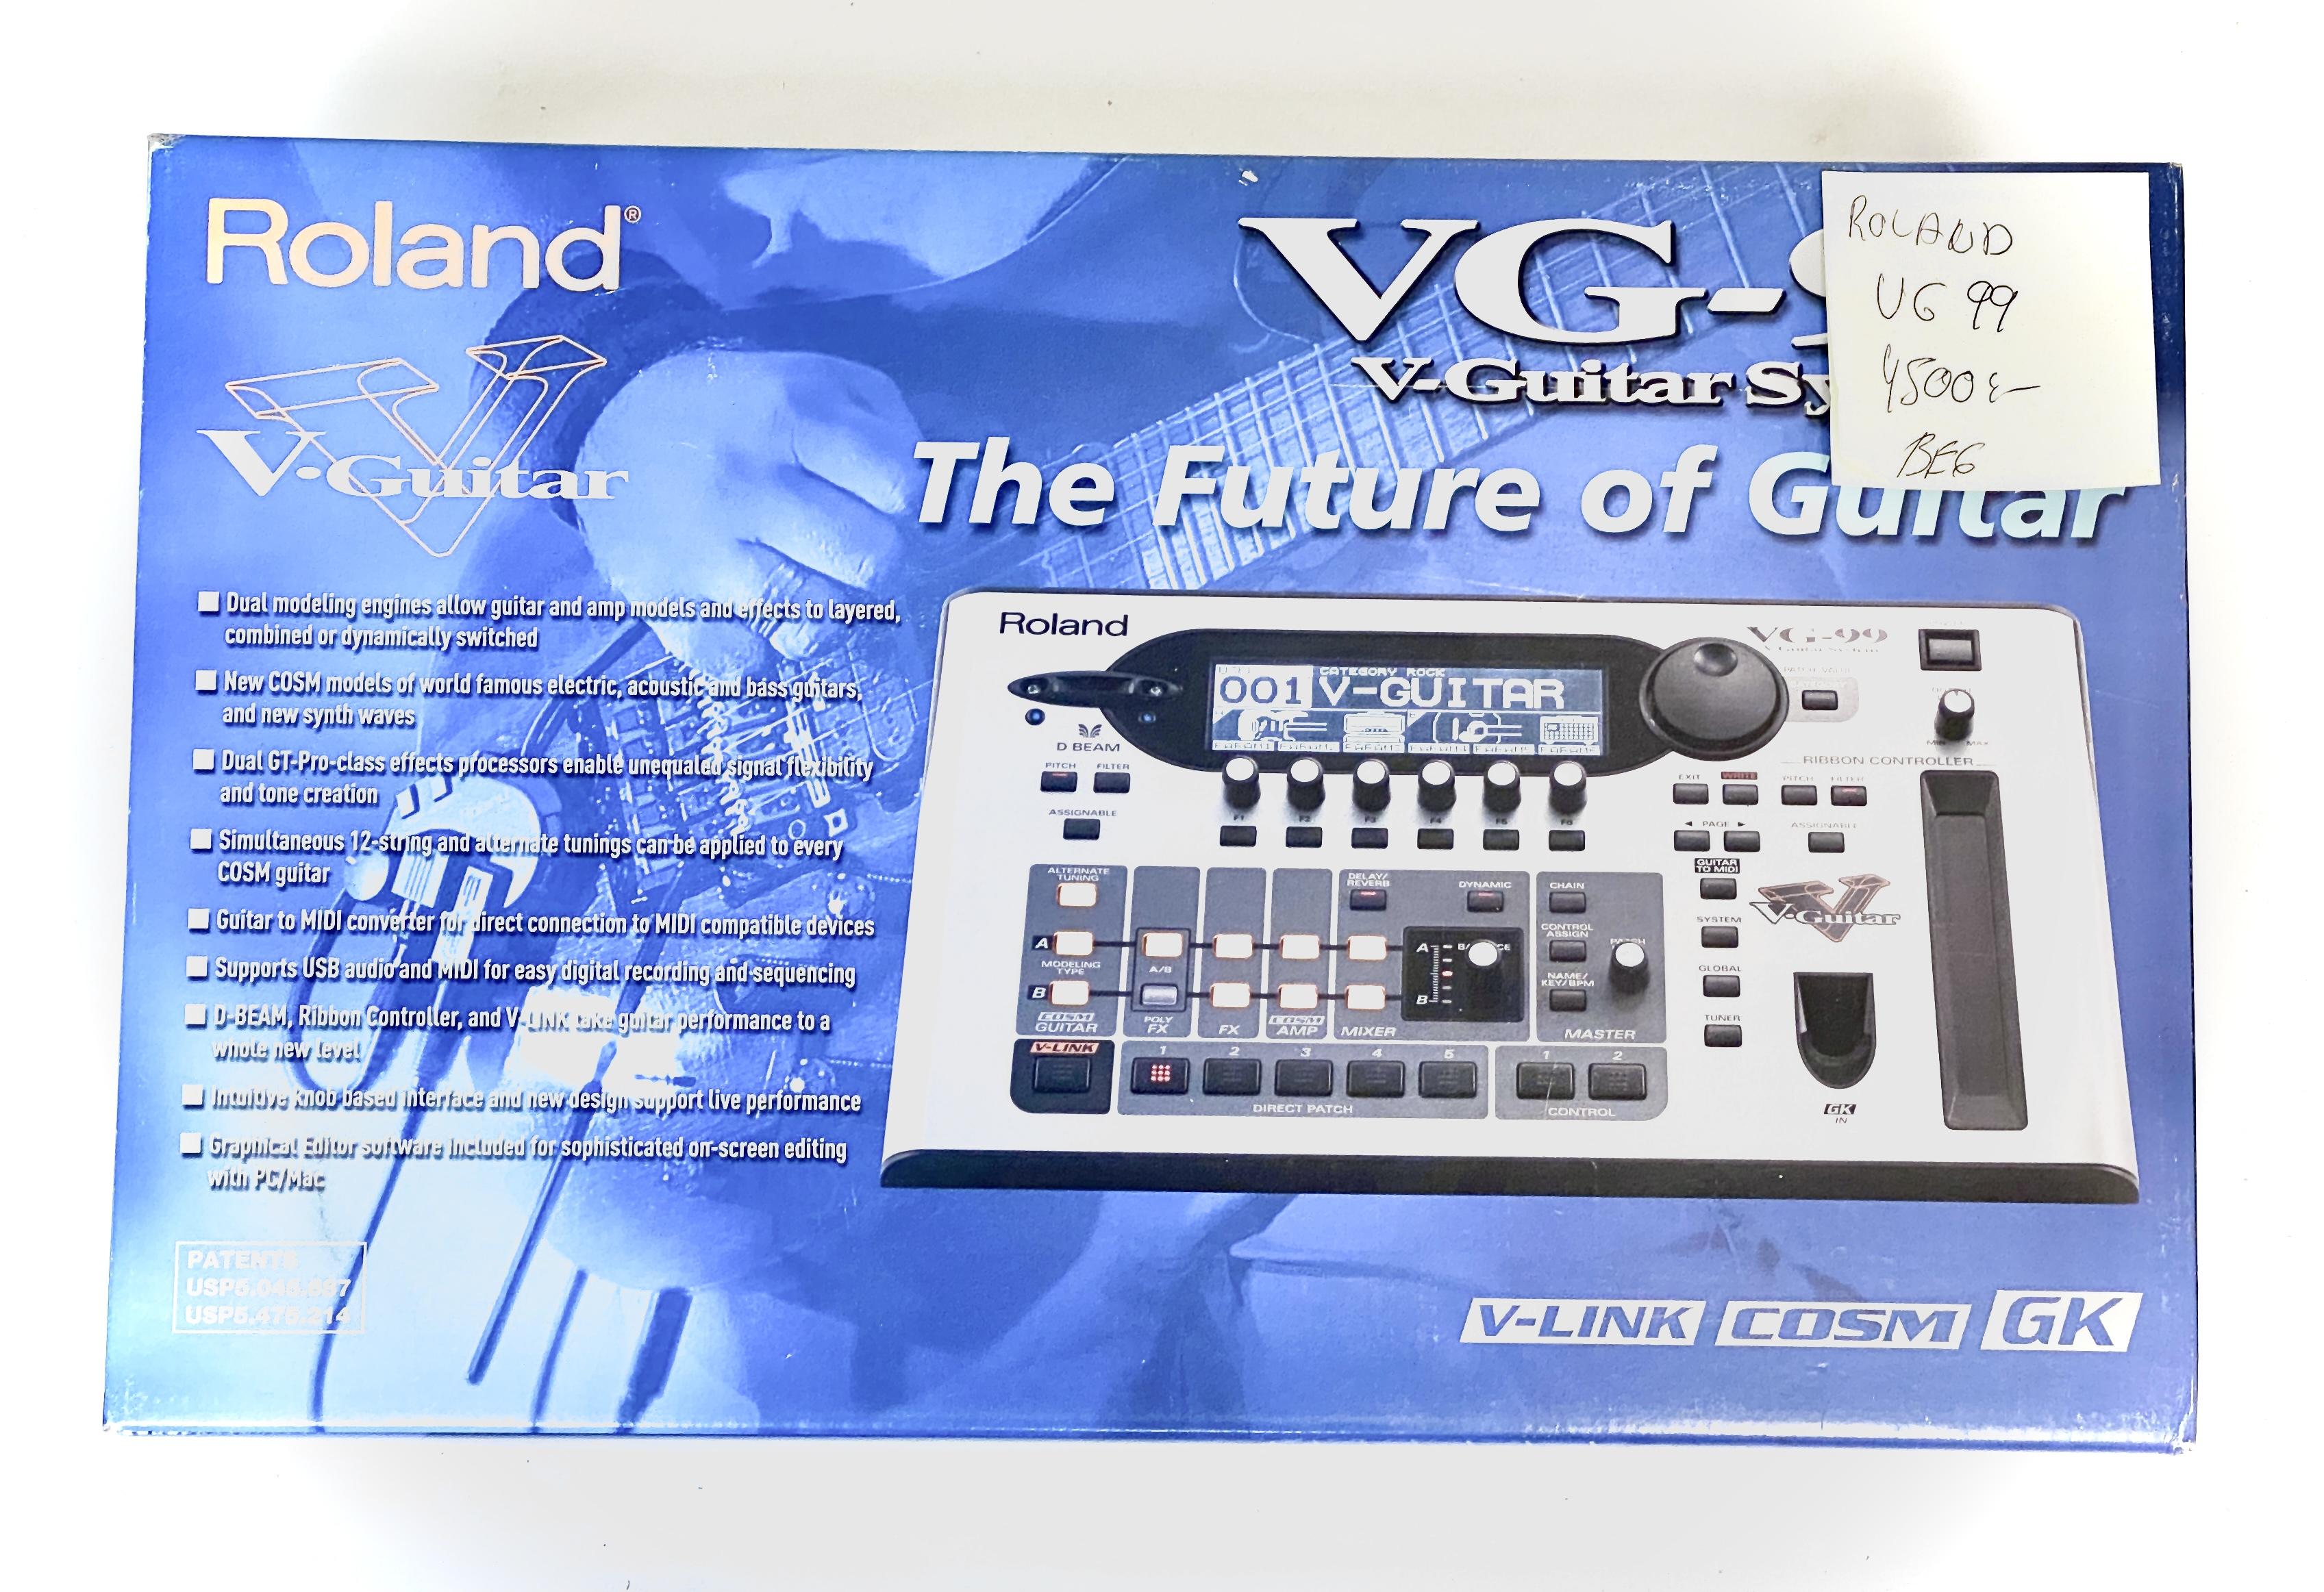 Roland VG-99 Guitar System